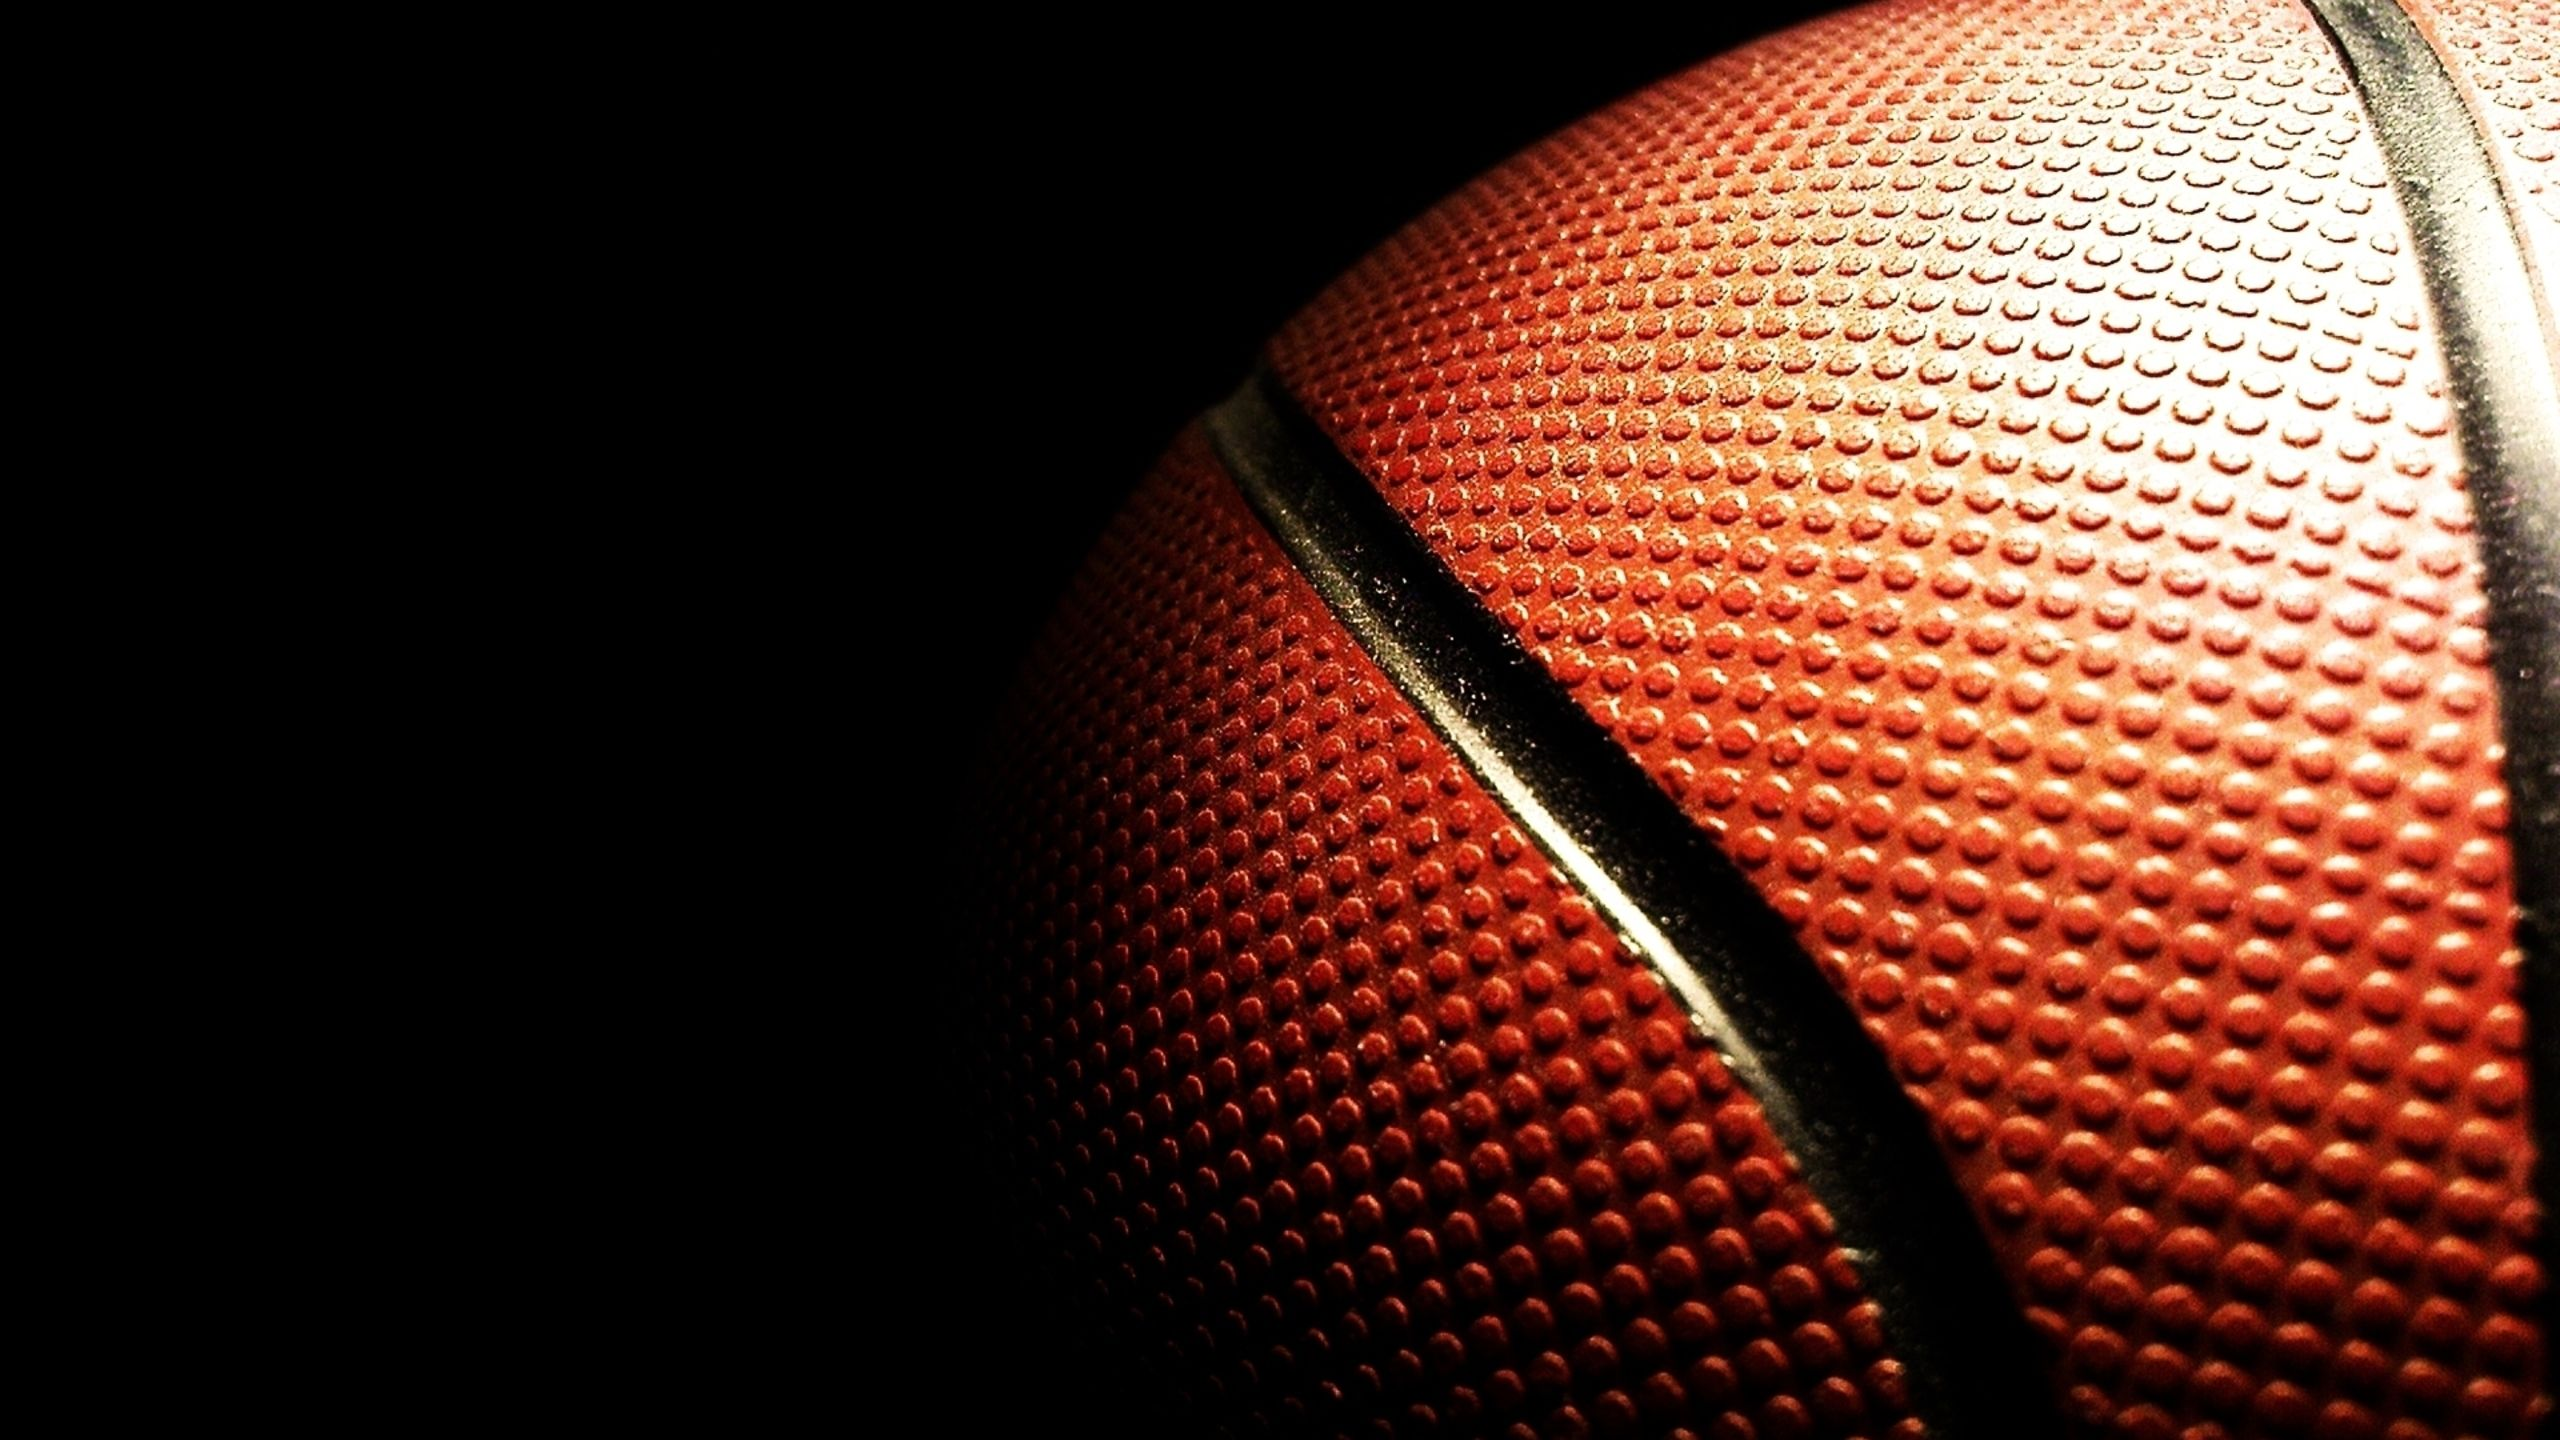 2560X1440 Basketball Wallpapers   Top 2560X1440 Basketball 2560x1440